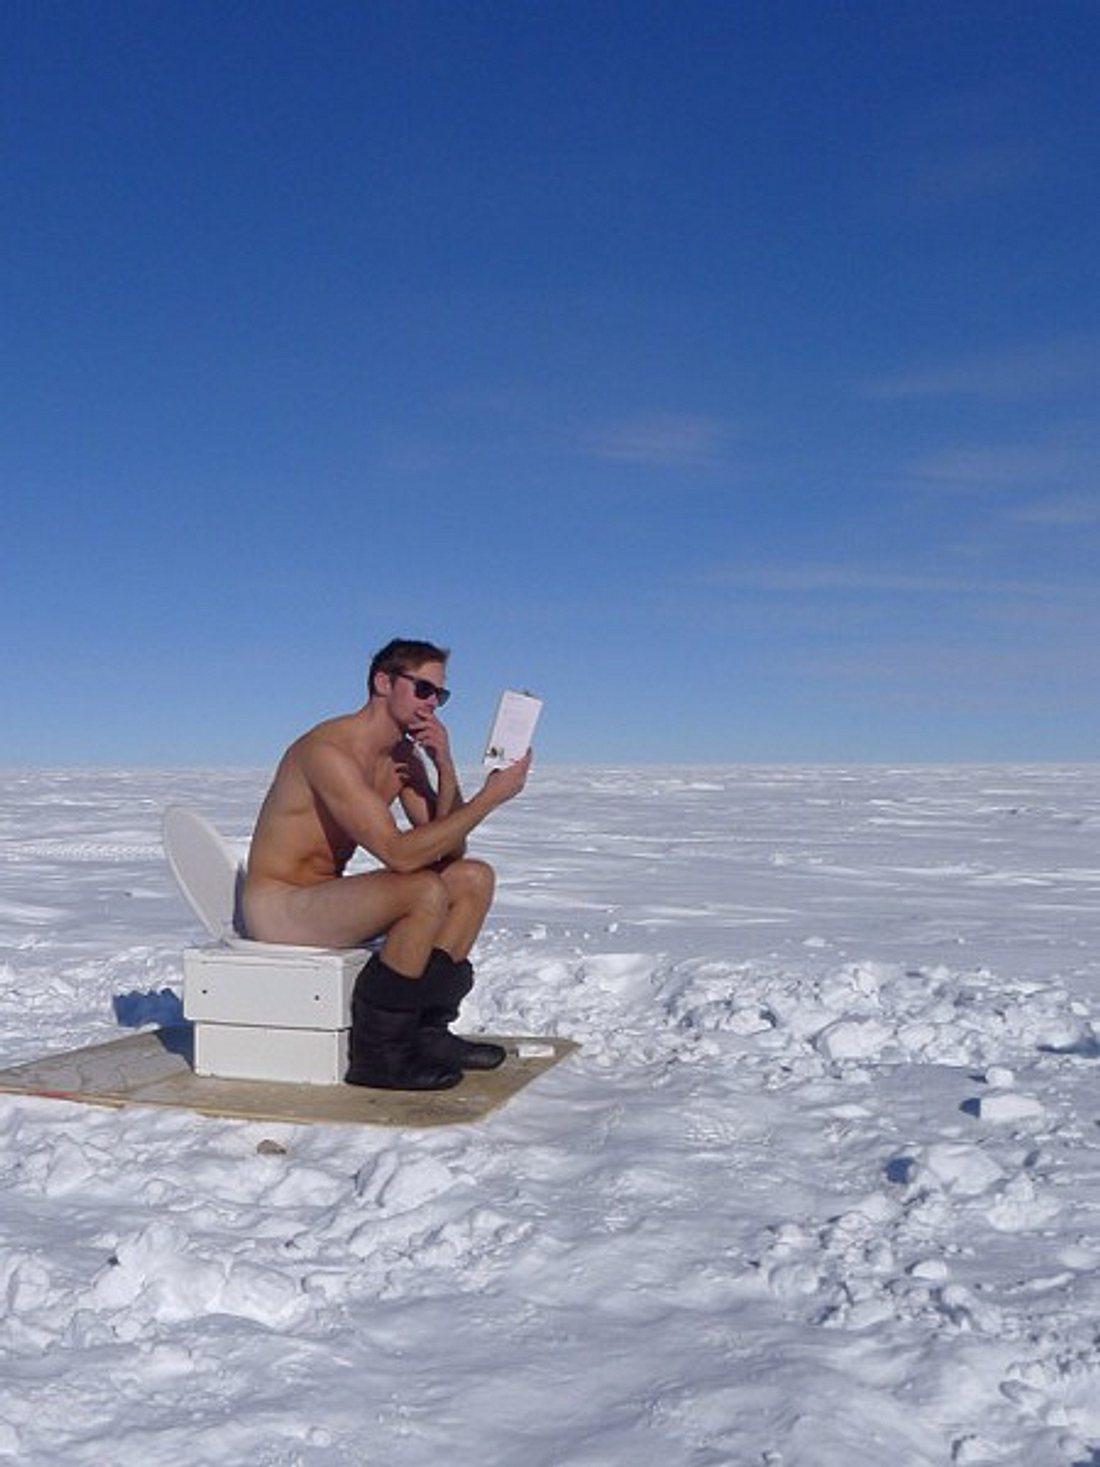 Alexander Skarsgard musste mal Pipi - nackt. Am Südpol.